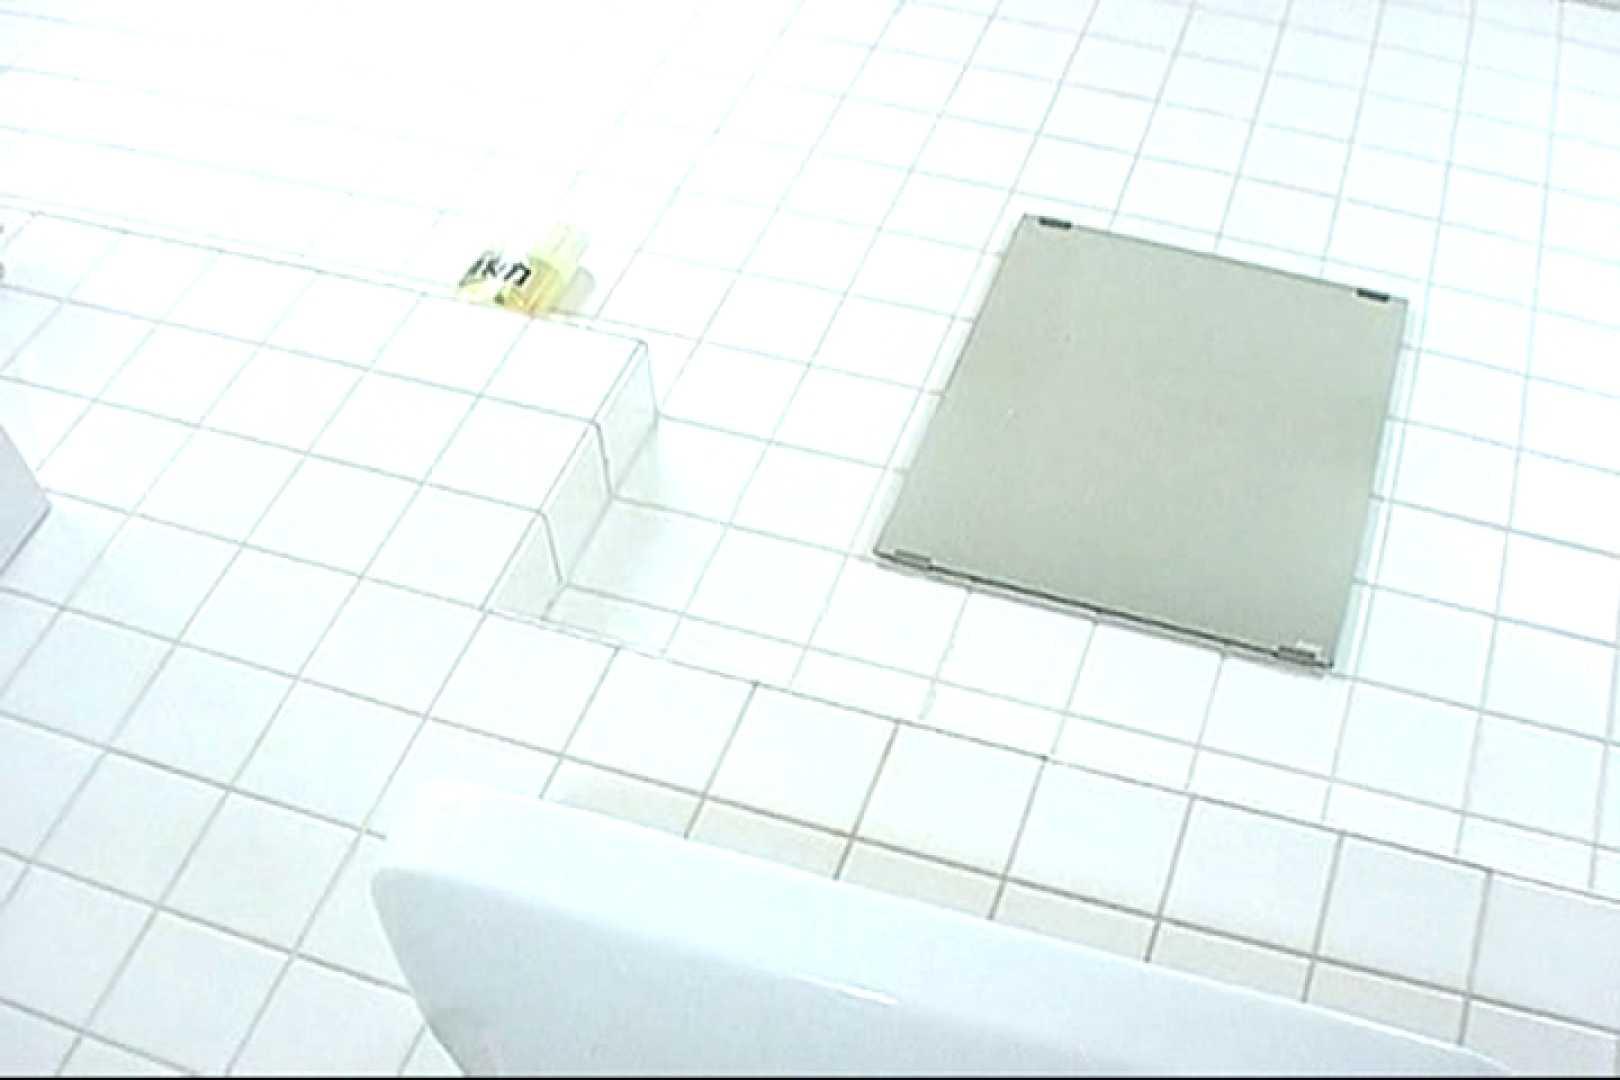 雑居ビル洗面所只今使用禁止中!Vol.3 洗面所突入 性交動画流出 73pic 56